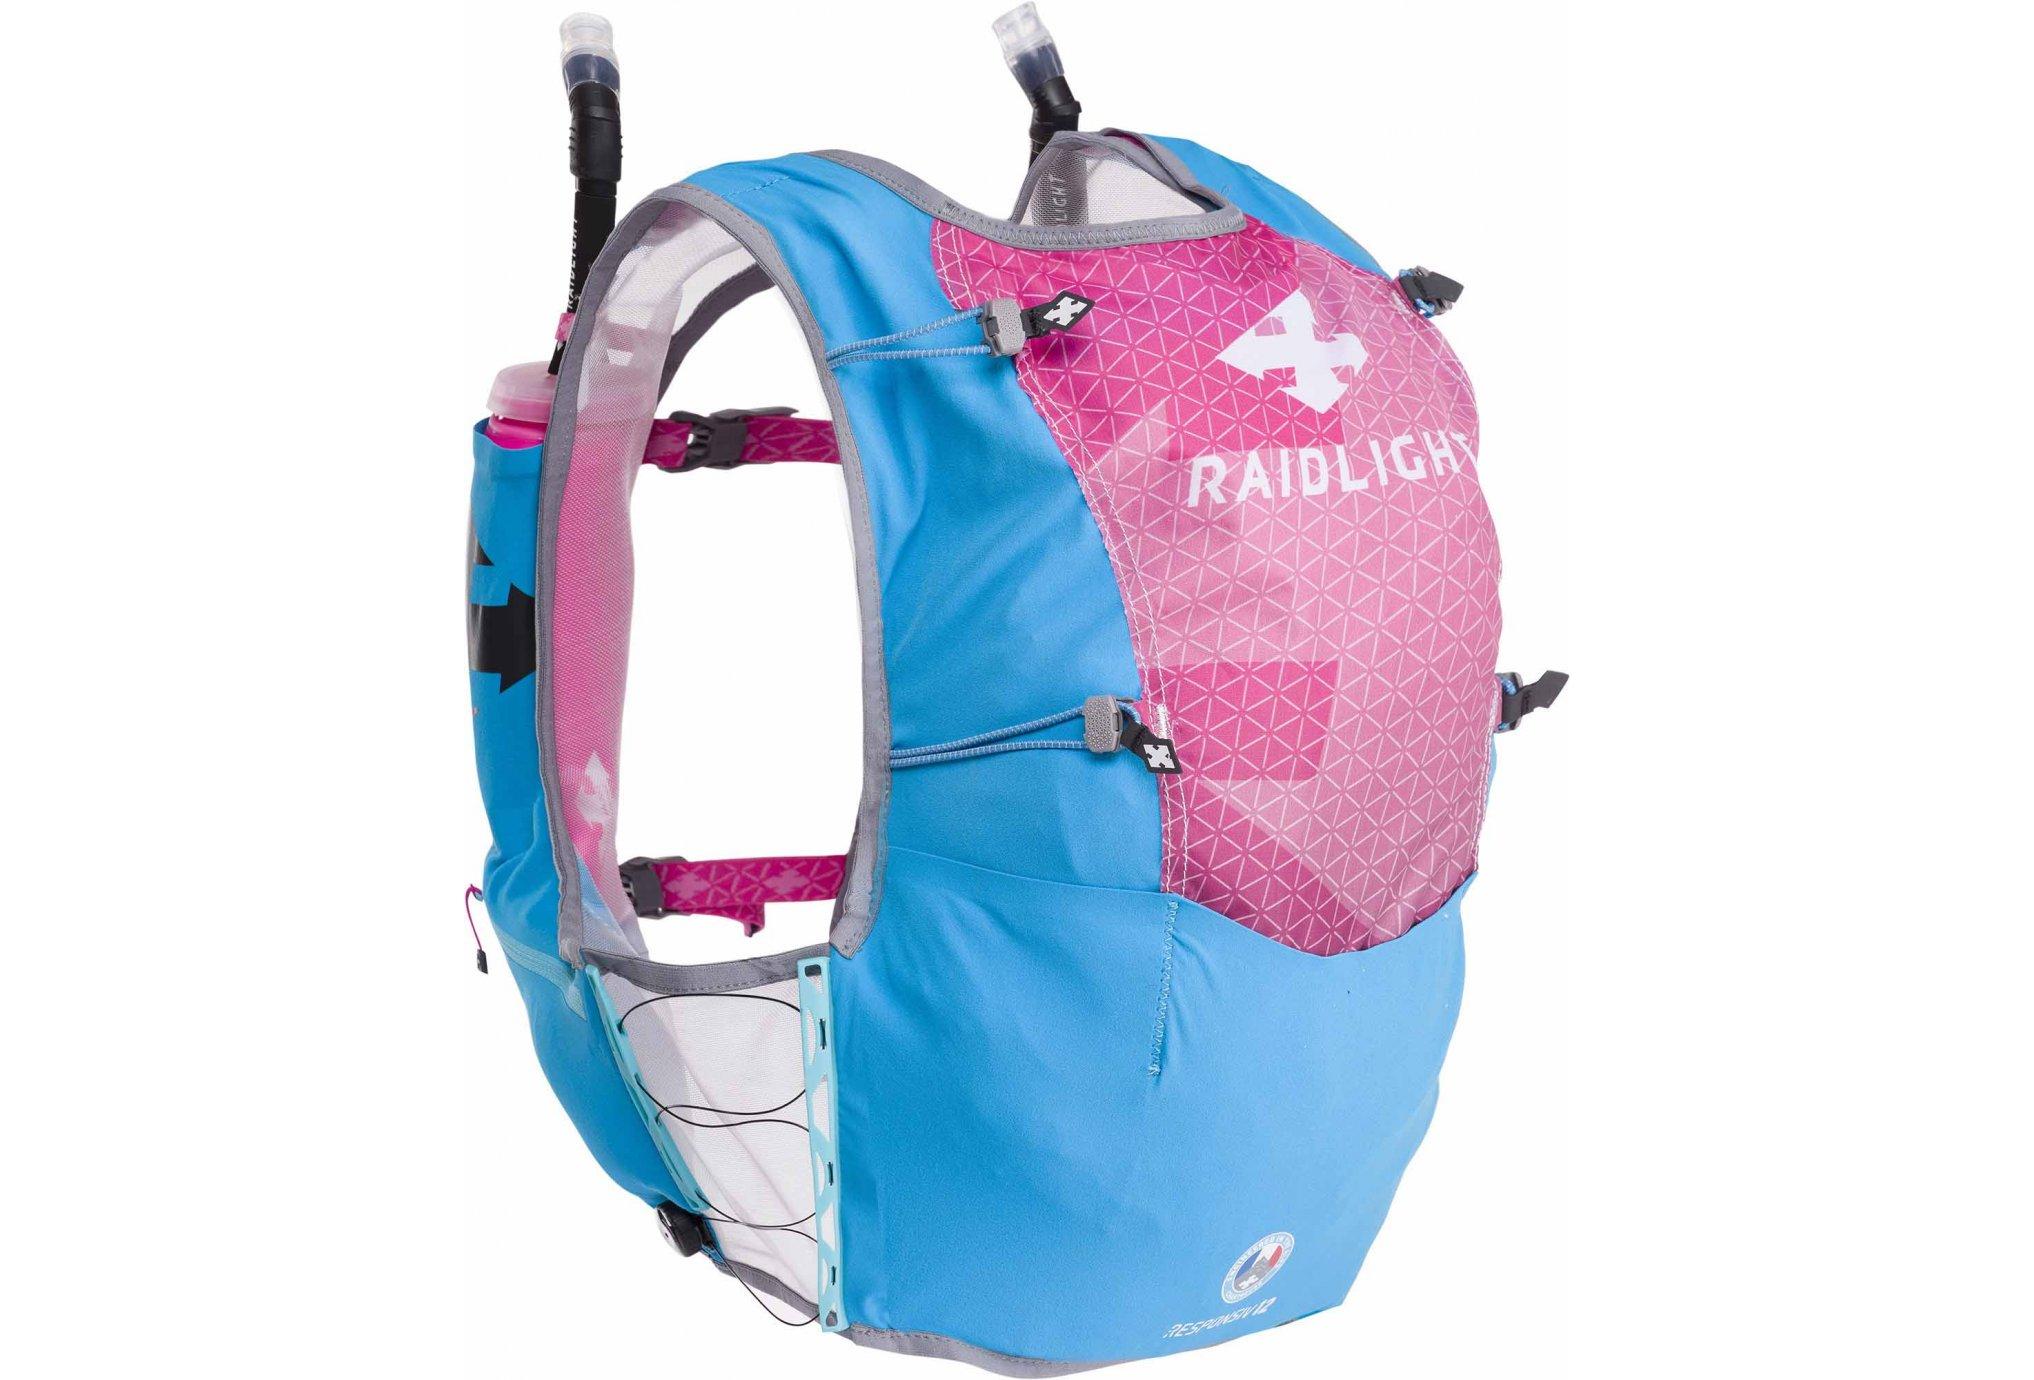 Raidlight Responsiv Vest 12L + 2 EazyFlask 600 mL W Sac hydratation / Gourde